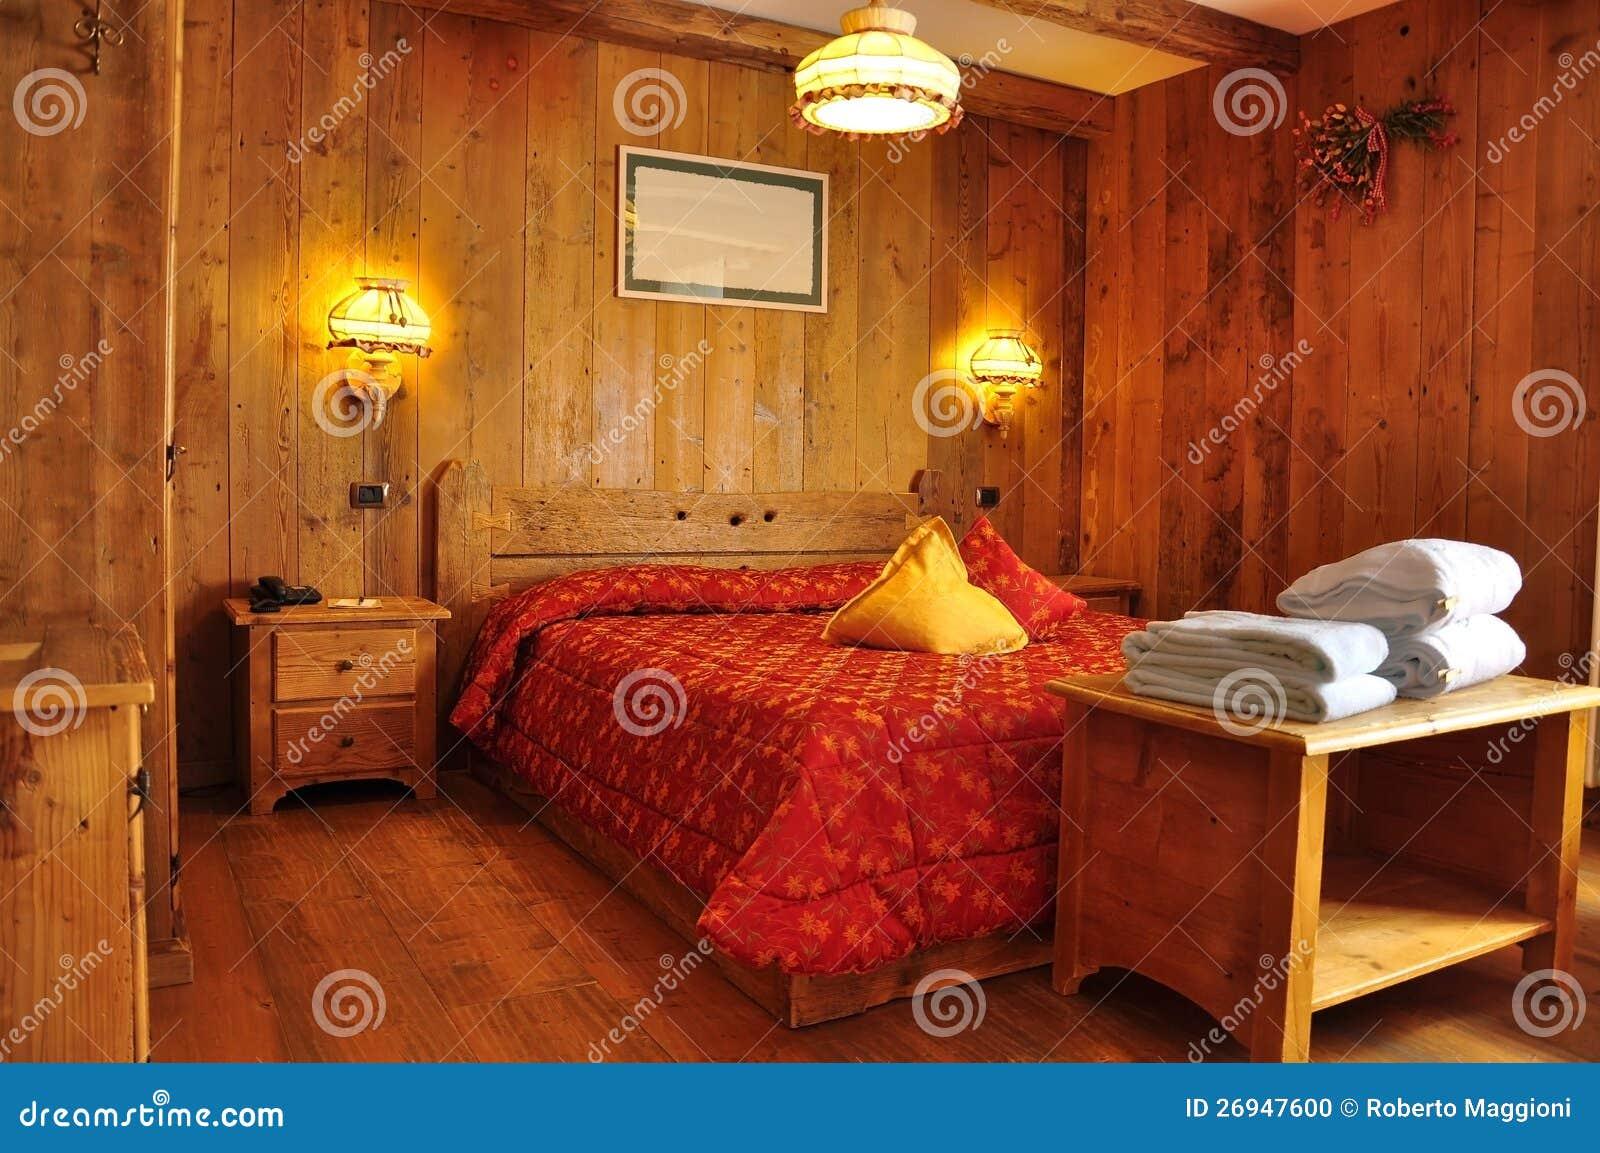 Acomodação tradicional, quarto de hotel da montanha